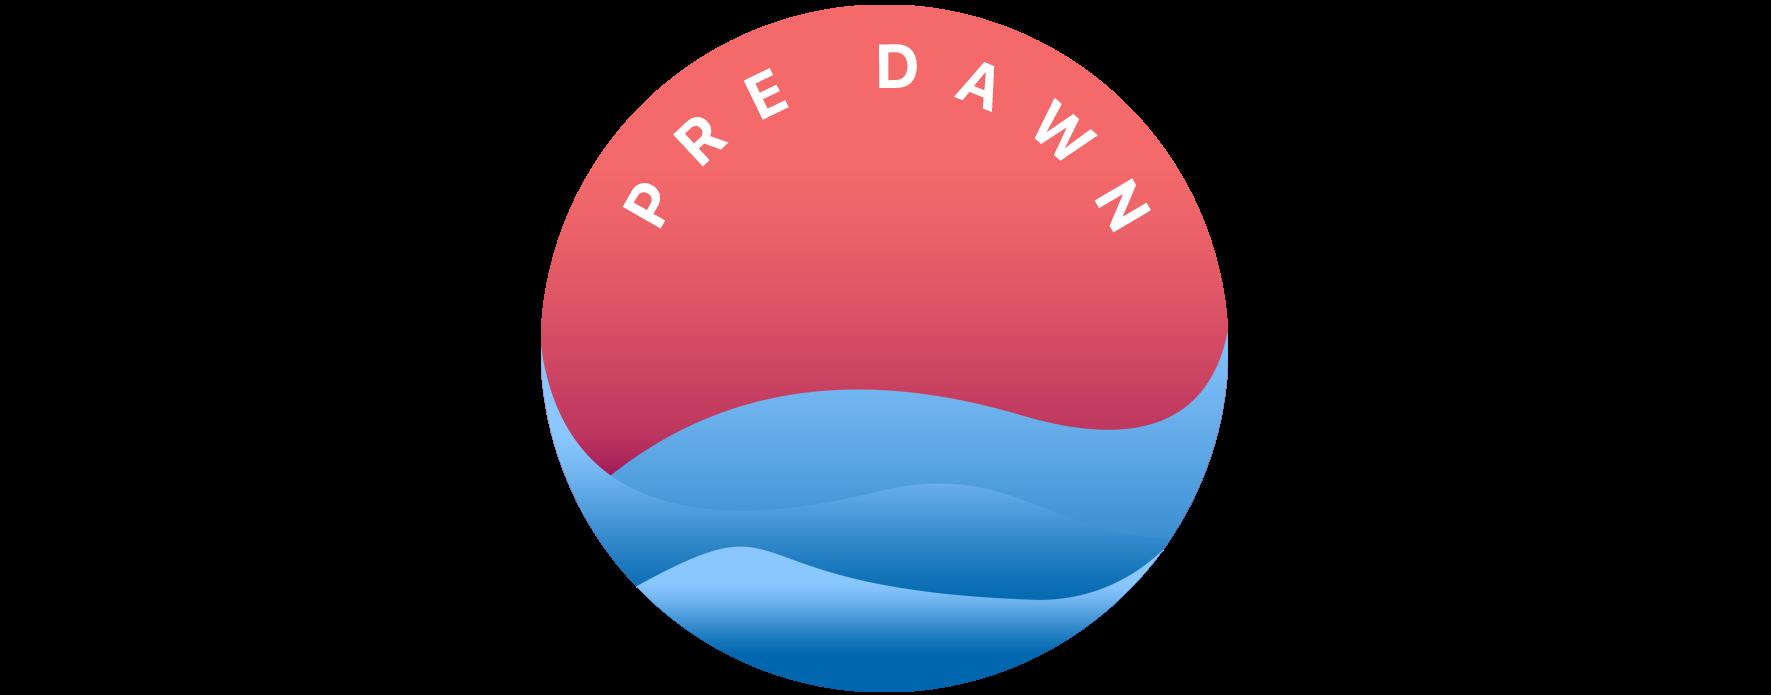 PreDawn Inc.